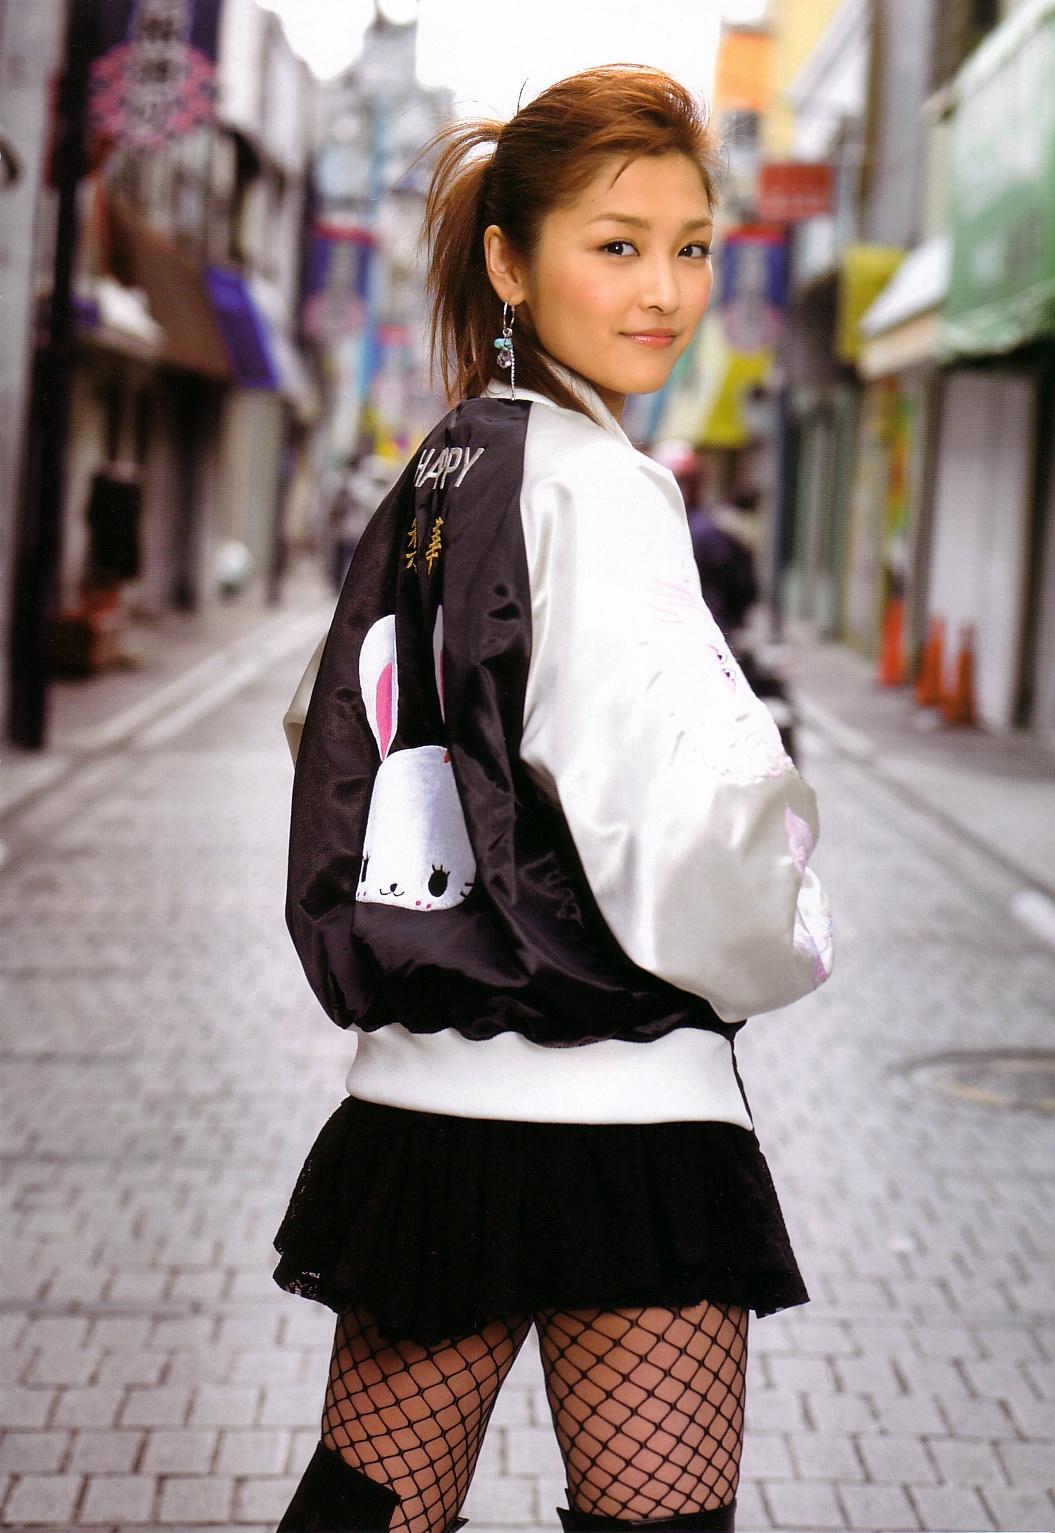 86719_Rika_Ishikawa_Happy006_122_847lo.jpg